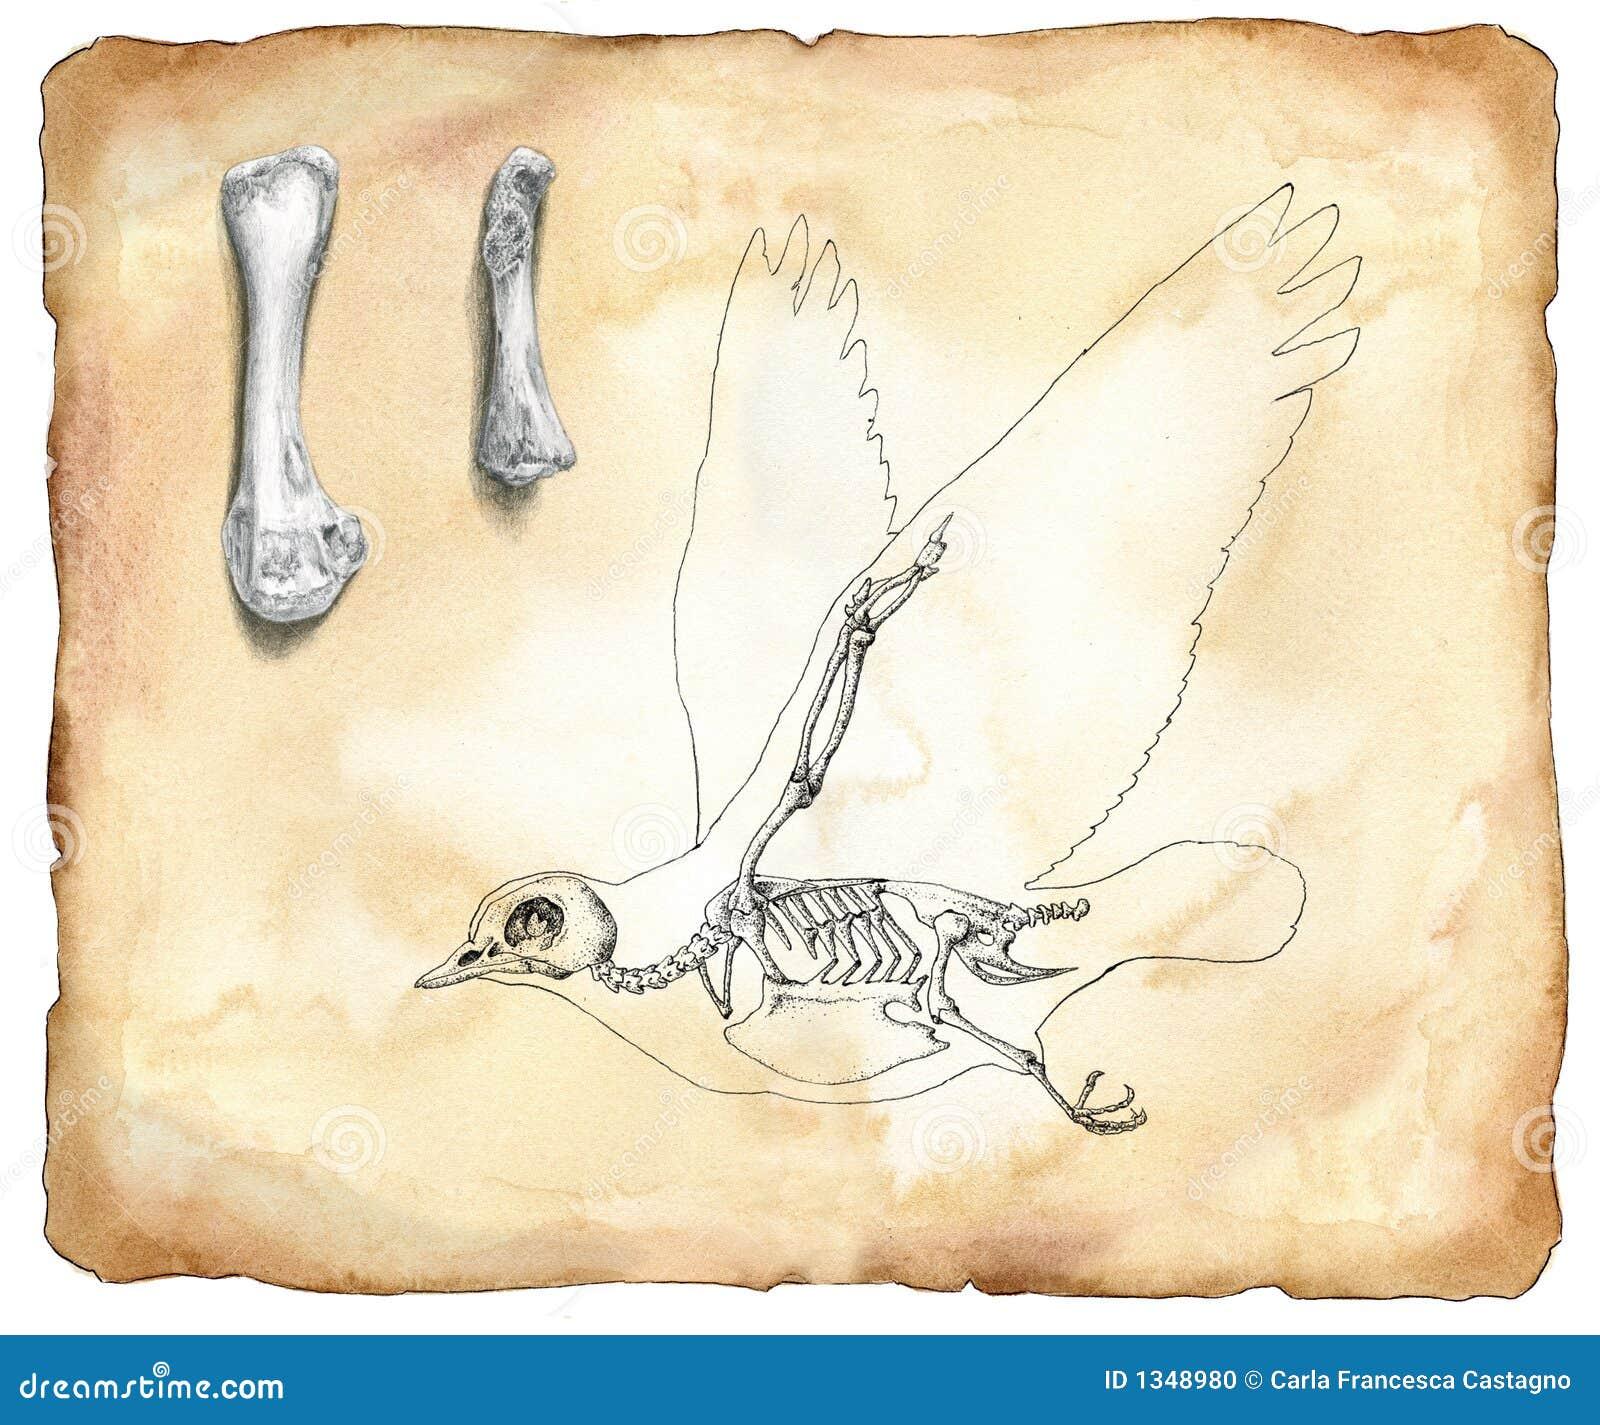 De anatomie van de vogel - waterverf